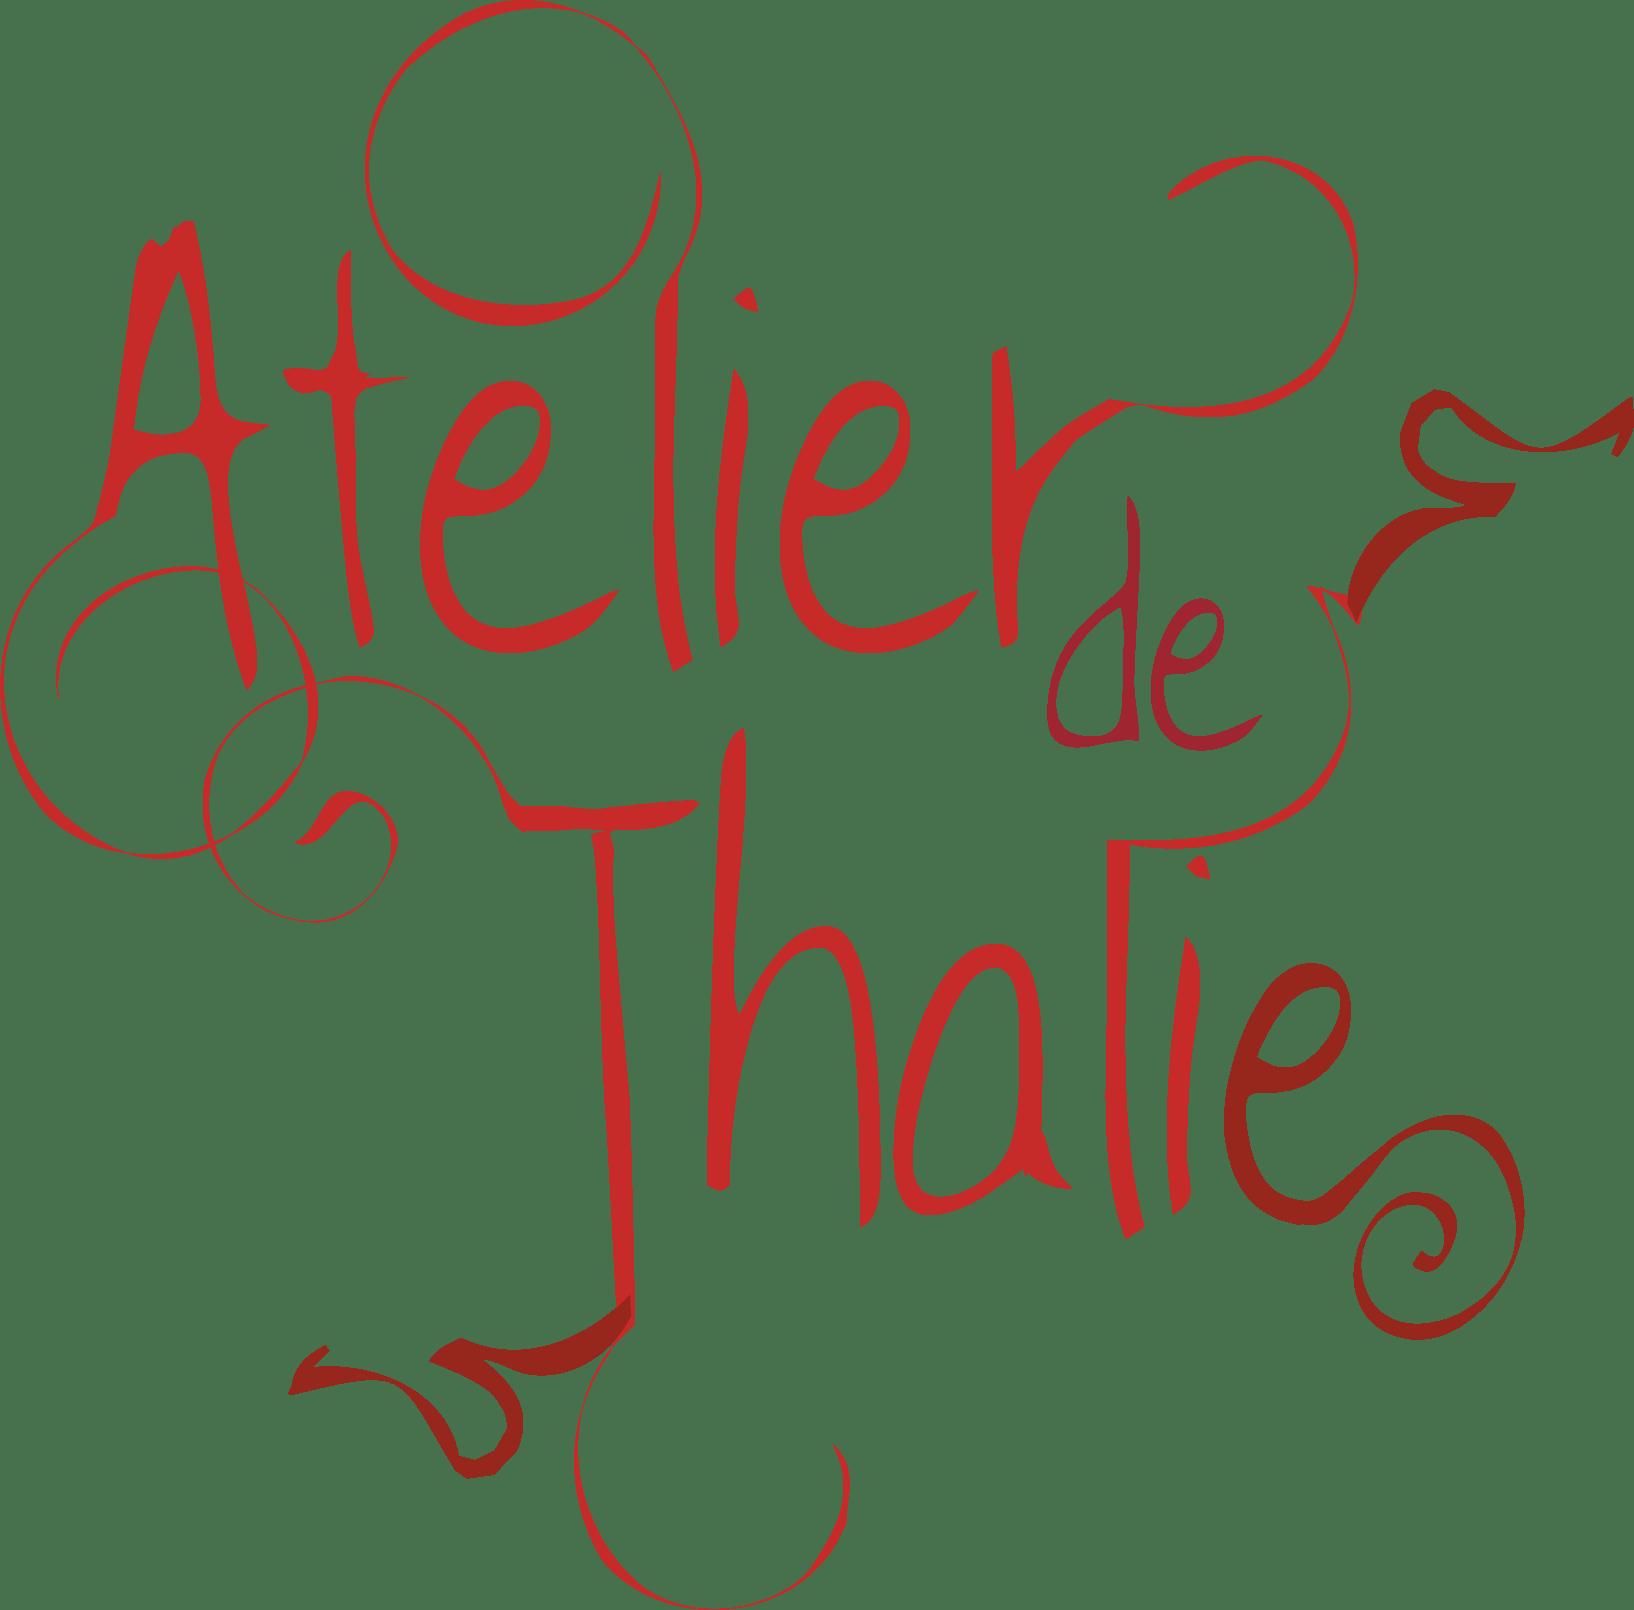 Atelier de Thalie